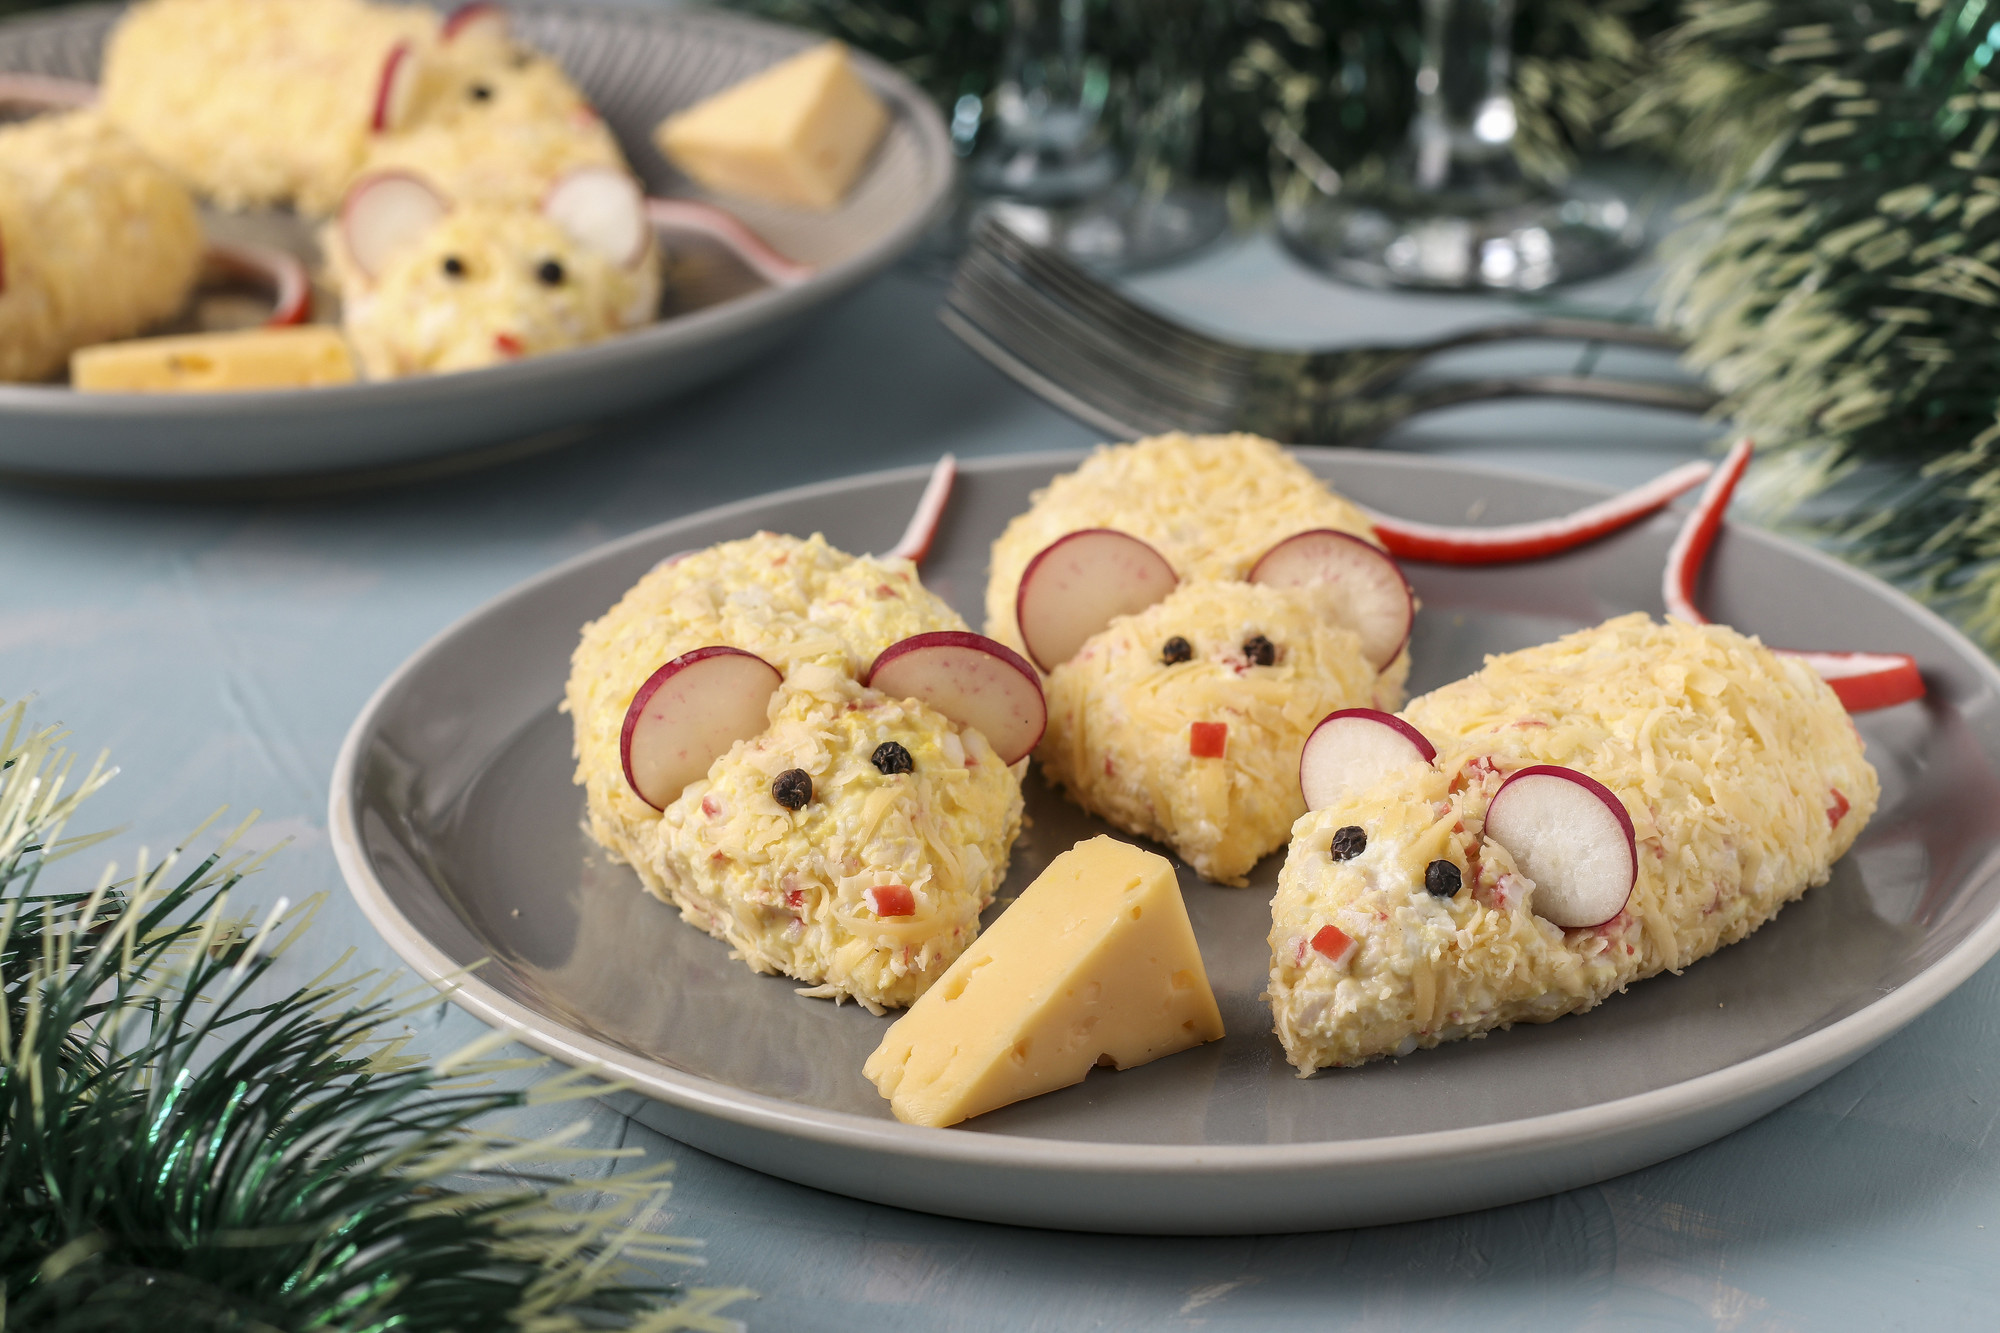 як прикрасити новорічні страви в рік Білого Щура